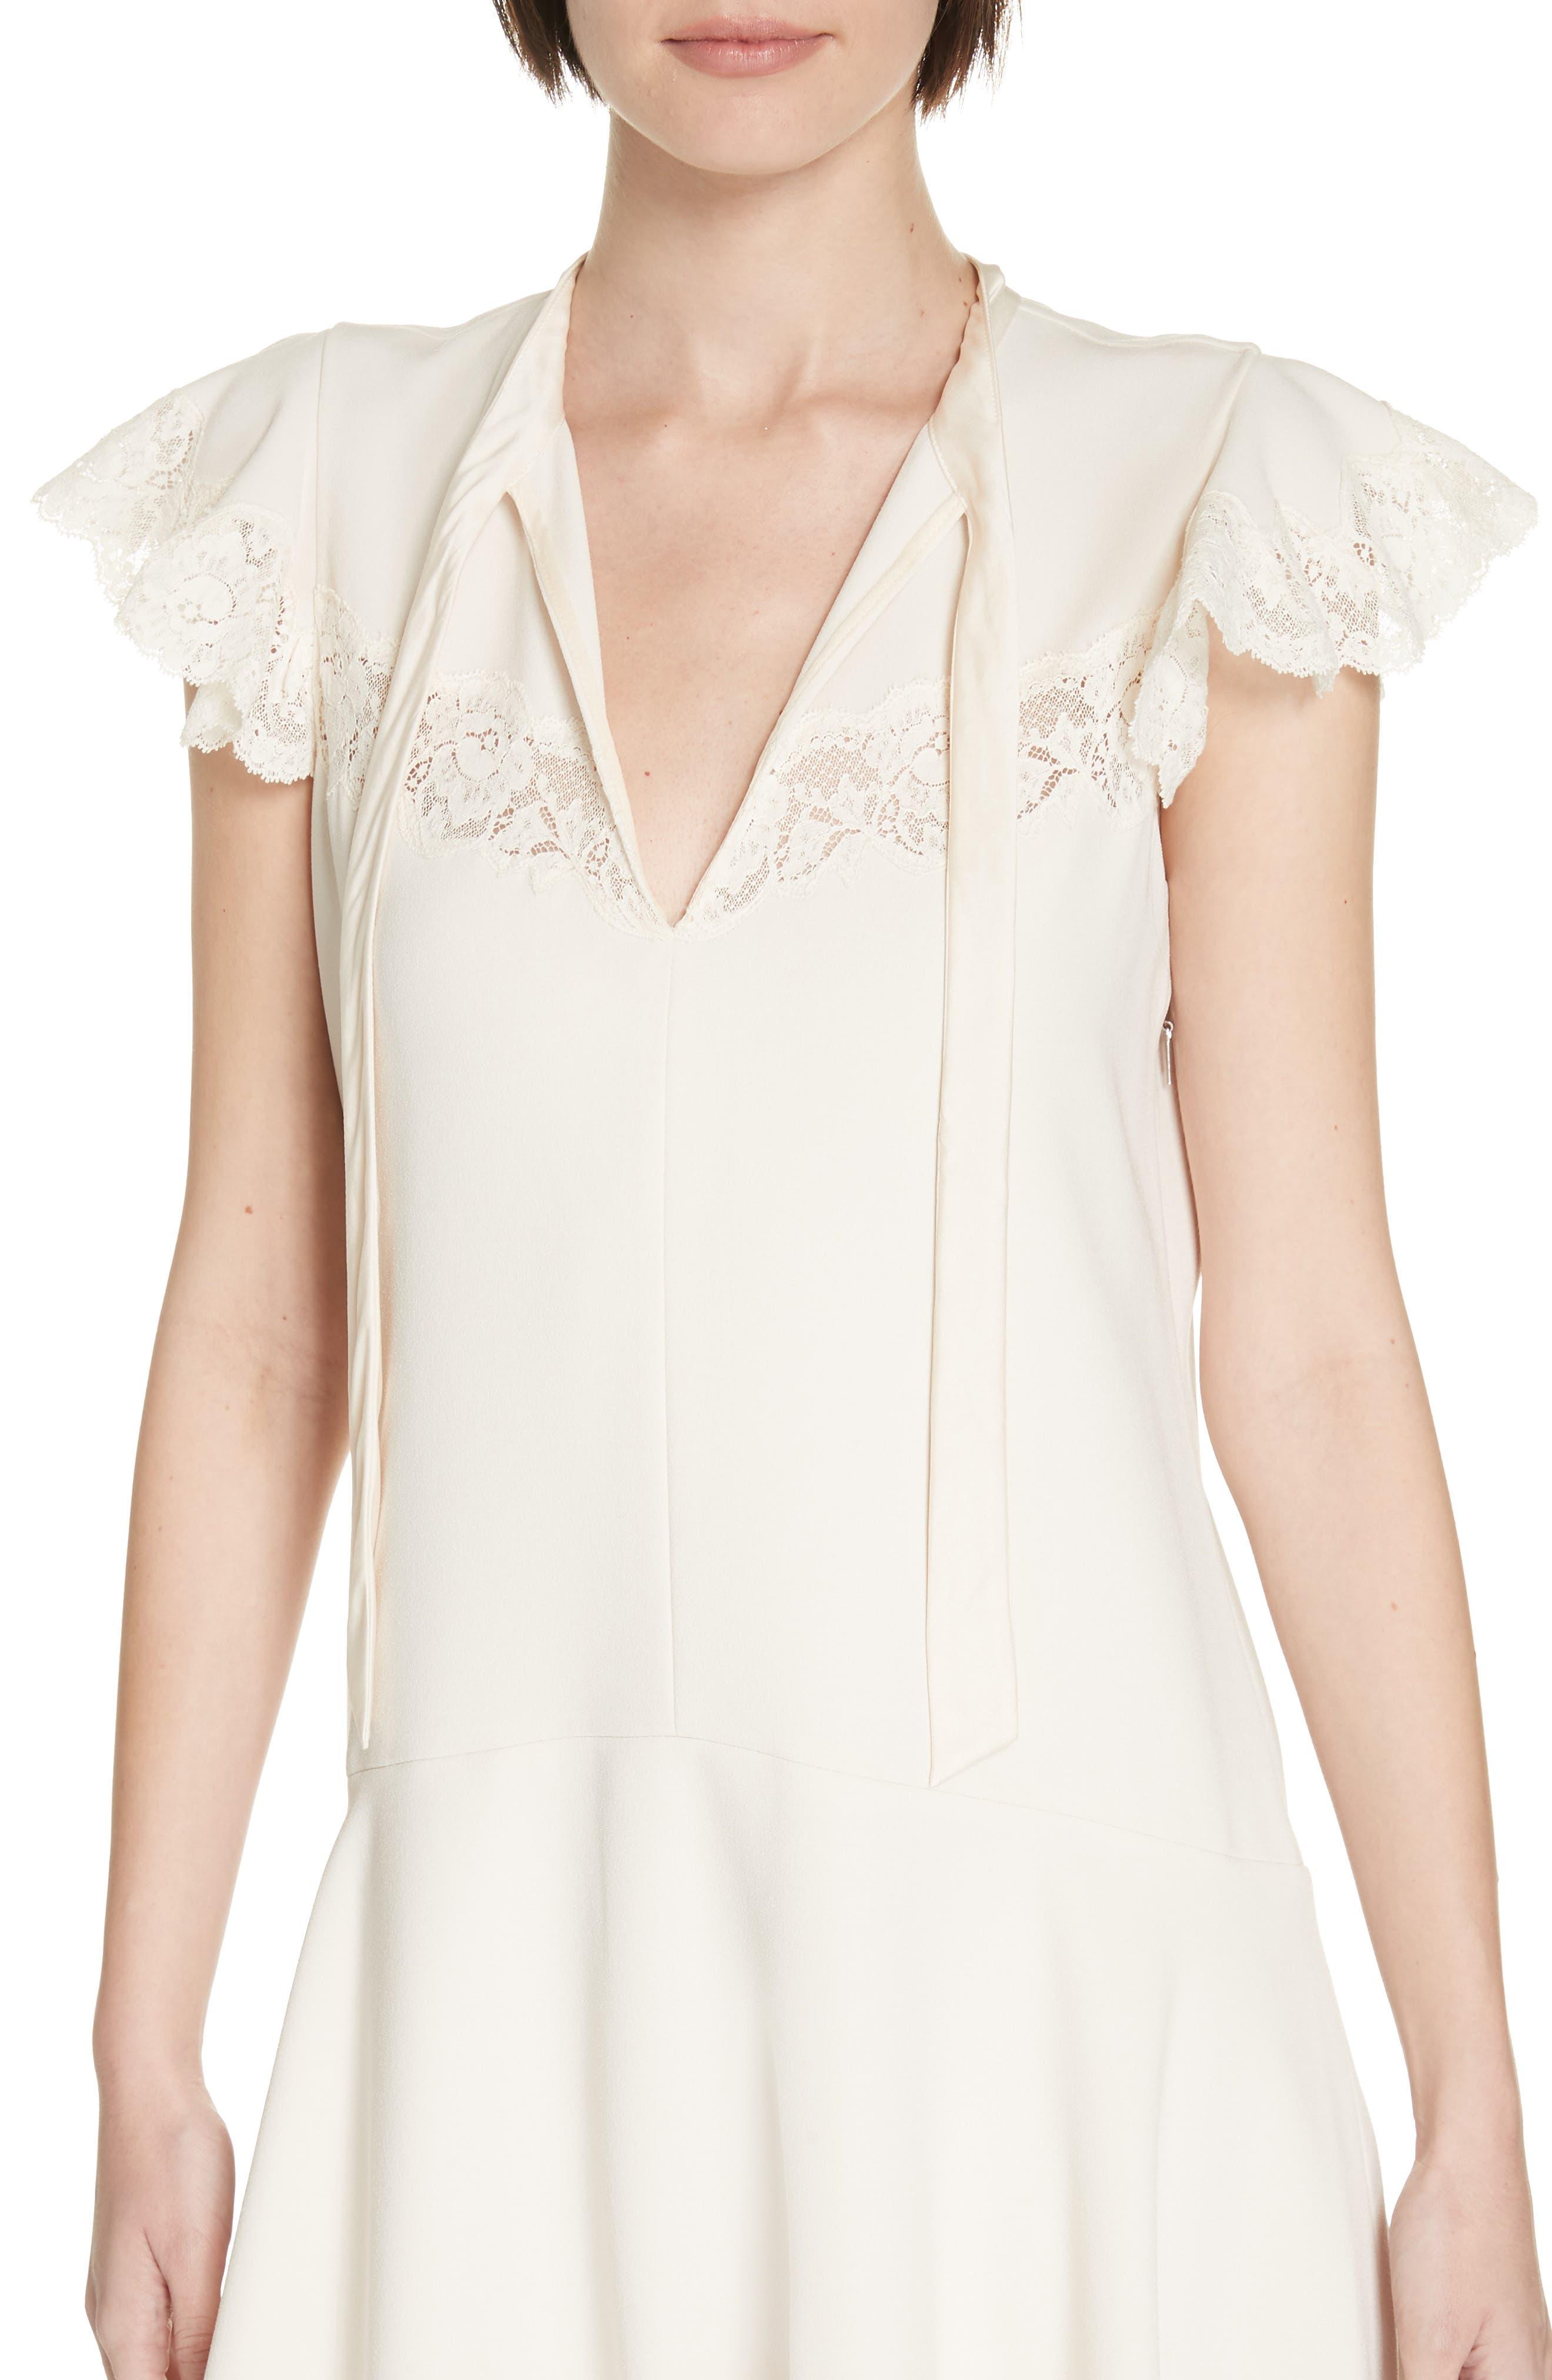 Lace Detail Tie Neck Dress,                             Alternate thumbnail 4, color,                             CREAM